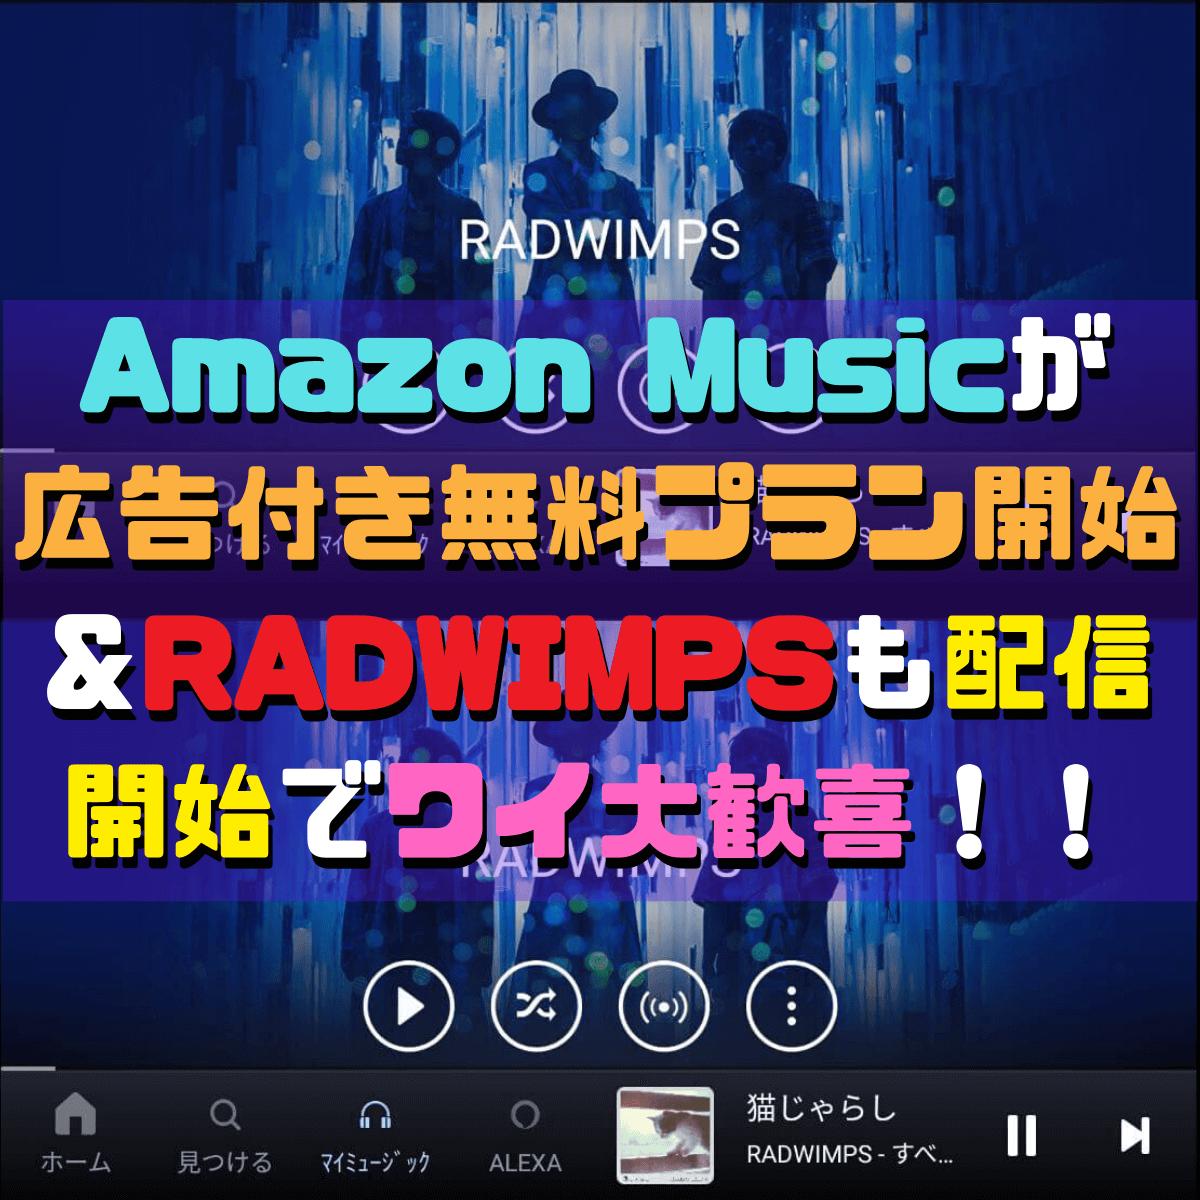 Amazon Musicが広告付き無料プラン開始&RADWIMPSも配信開始でワイ大歓喜なんやで?